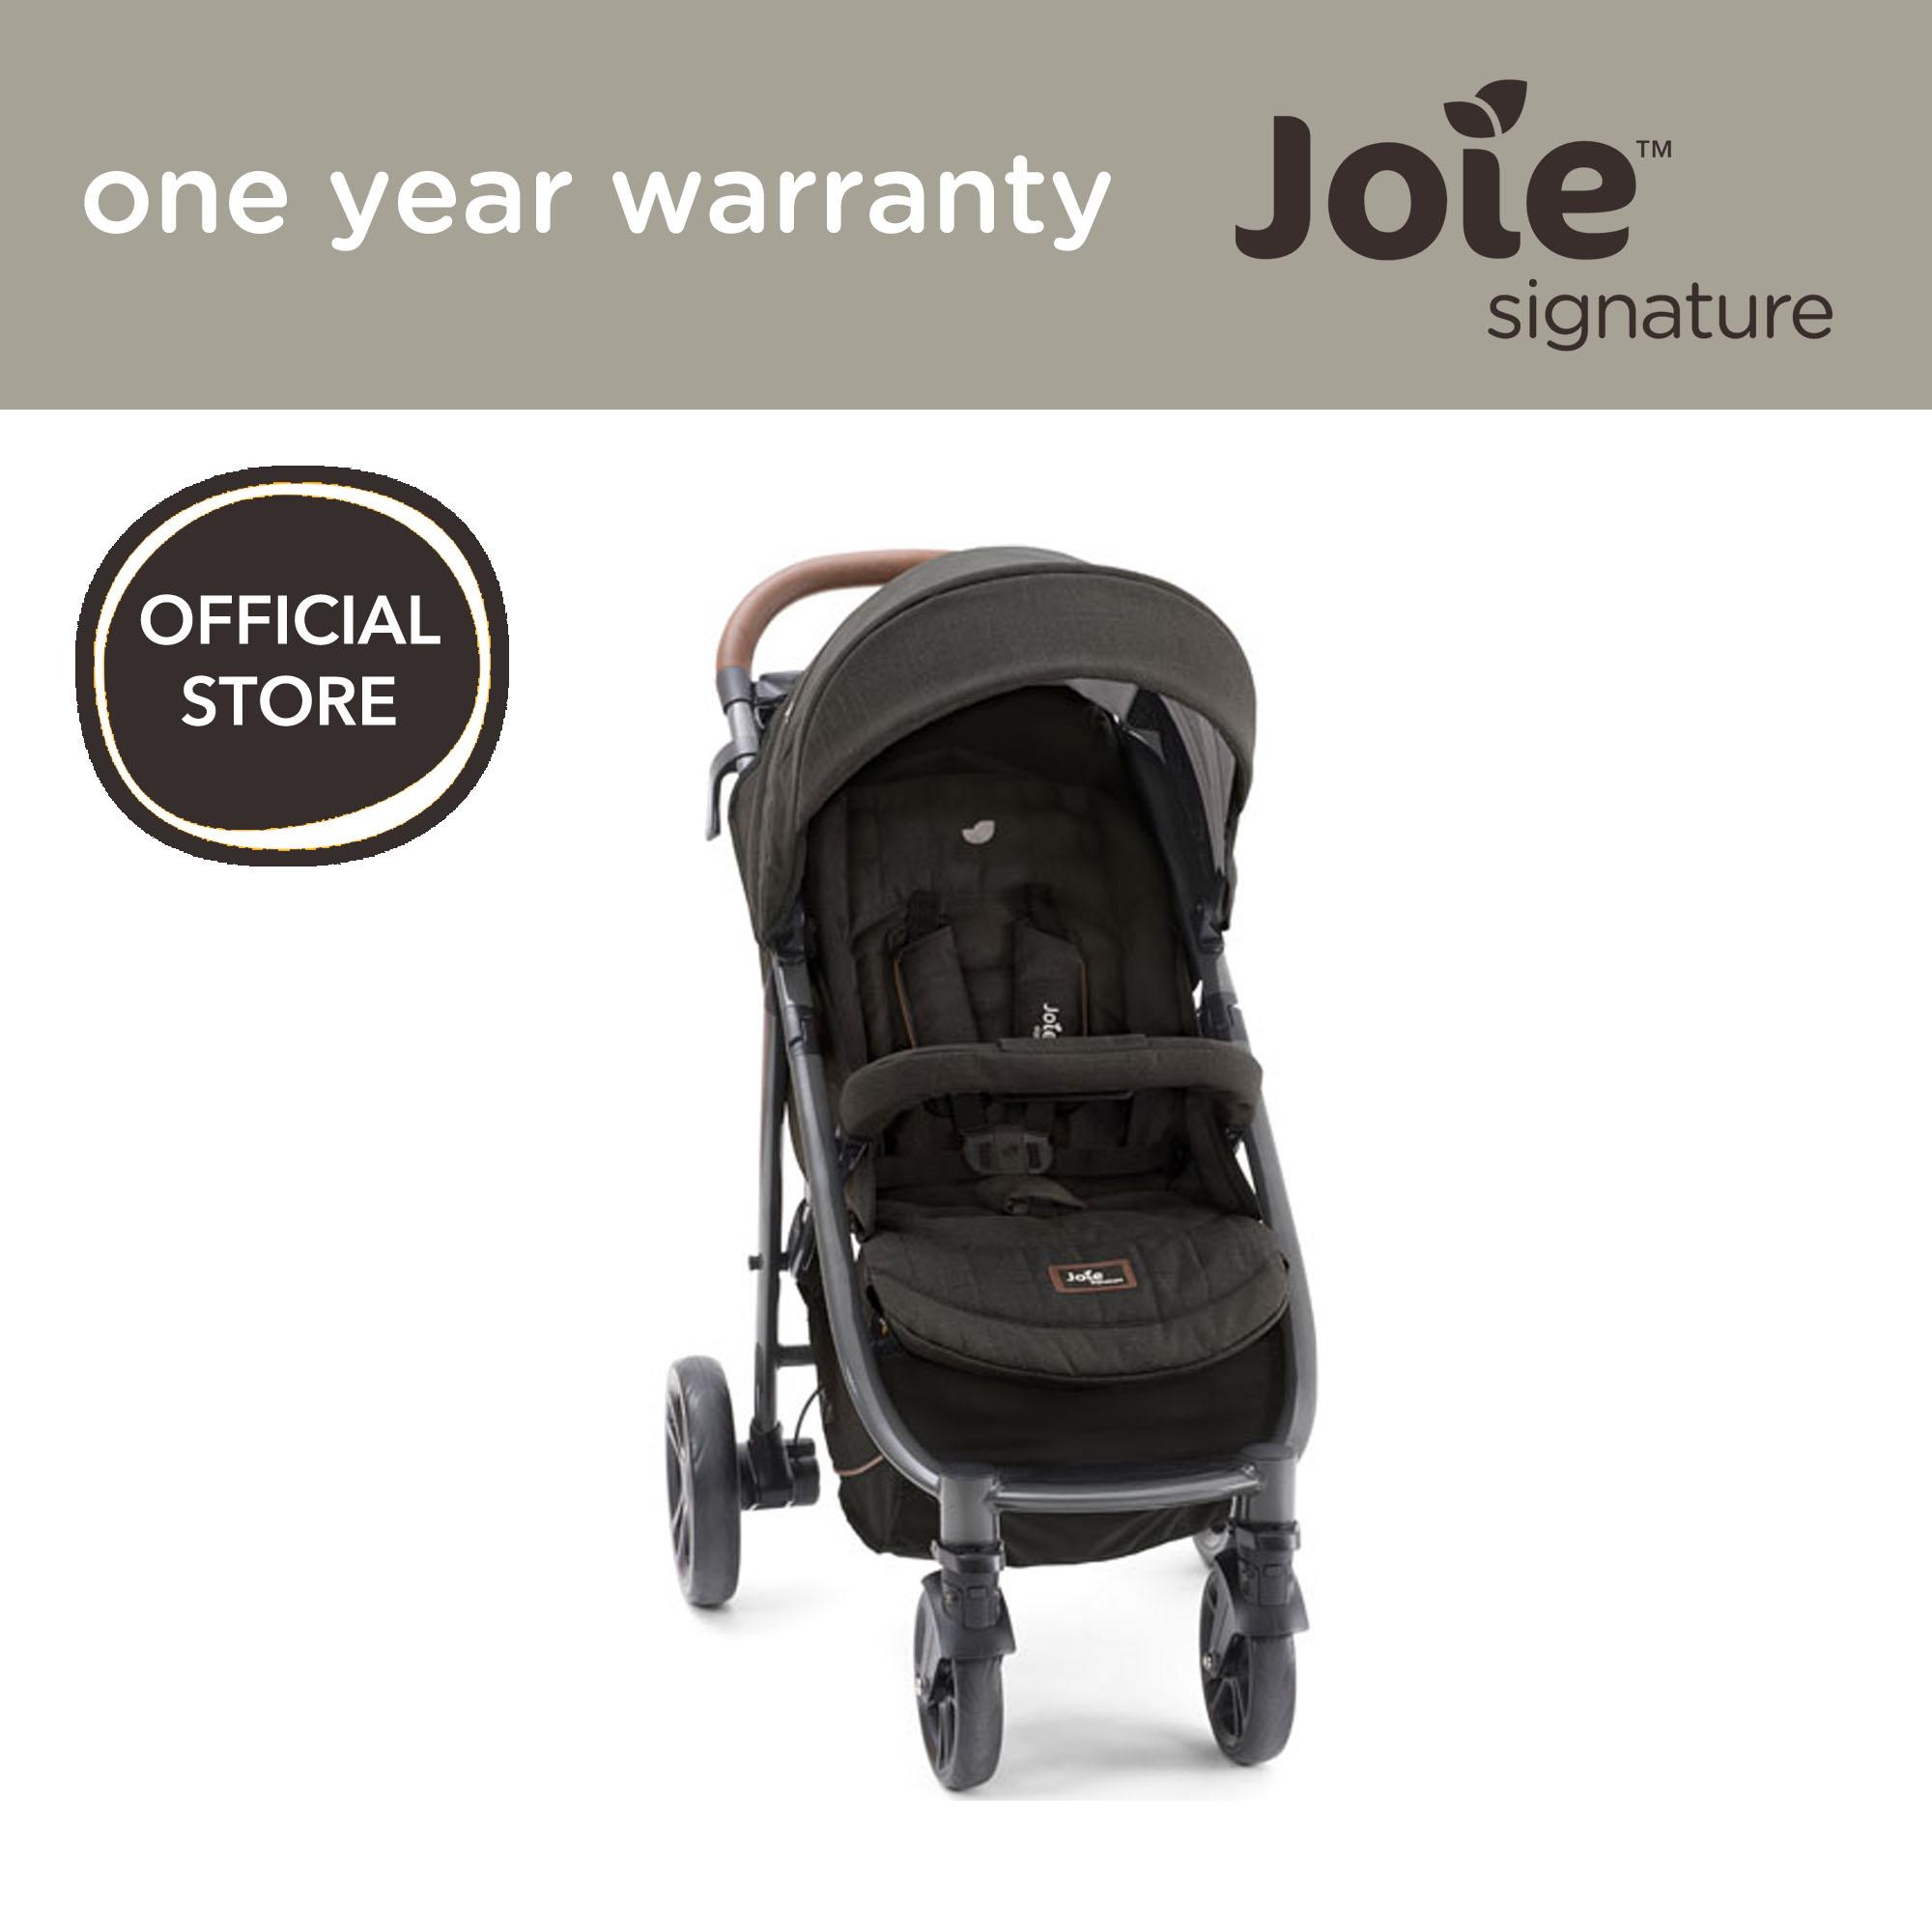 Joie Litetrax 4 Flex Signature Stroller